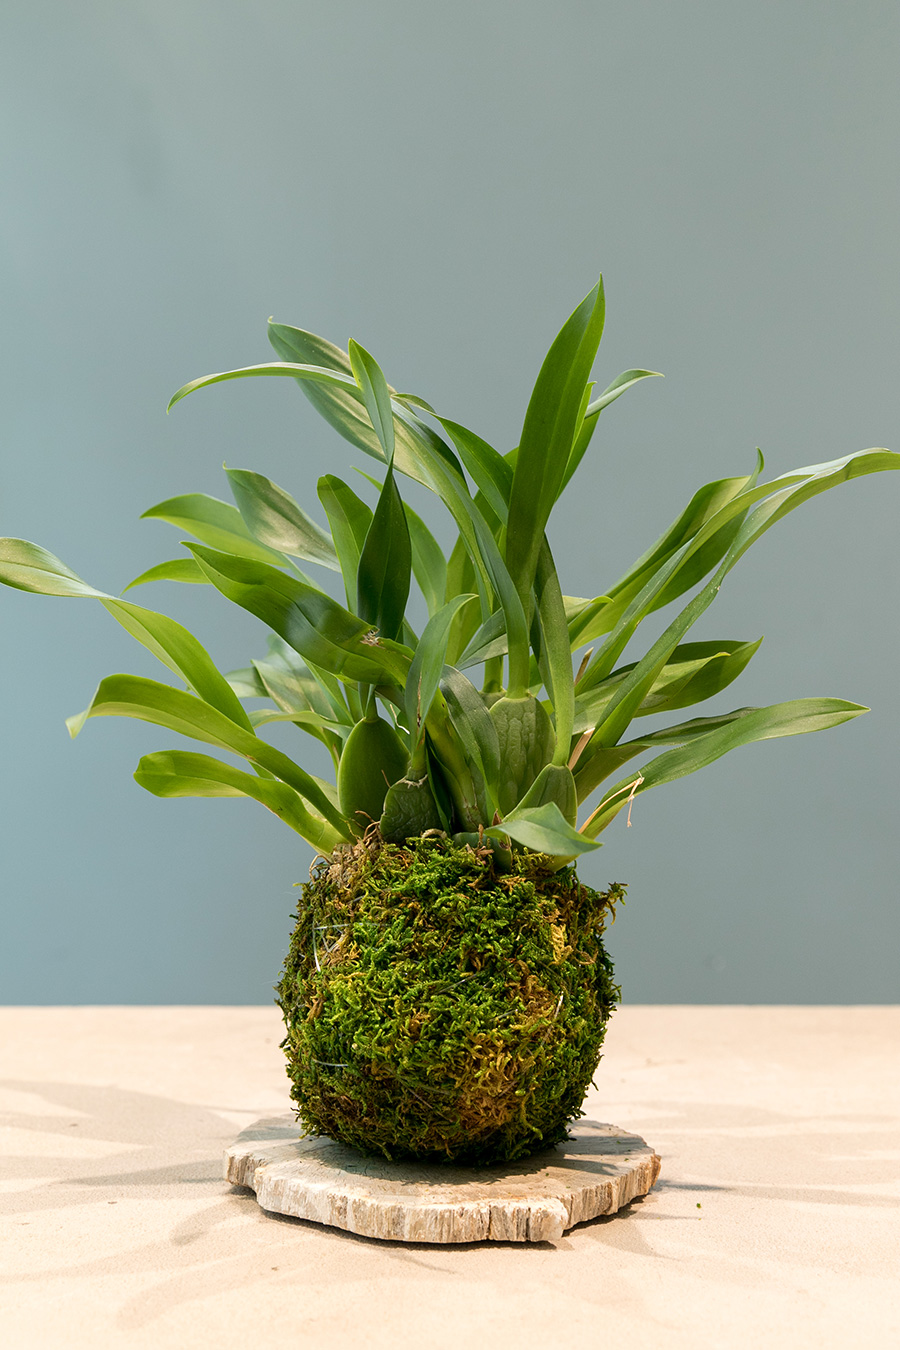 [Oncidium]小さな花をたくさんつけるオンシジウムも交配種。黄色やピンク、オレンジの花をつける。コケ玉に仕立てるのも楽しい。